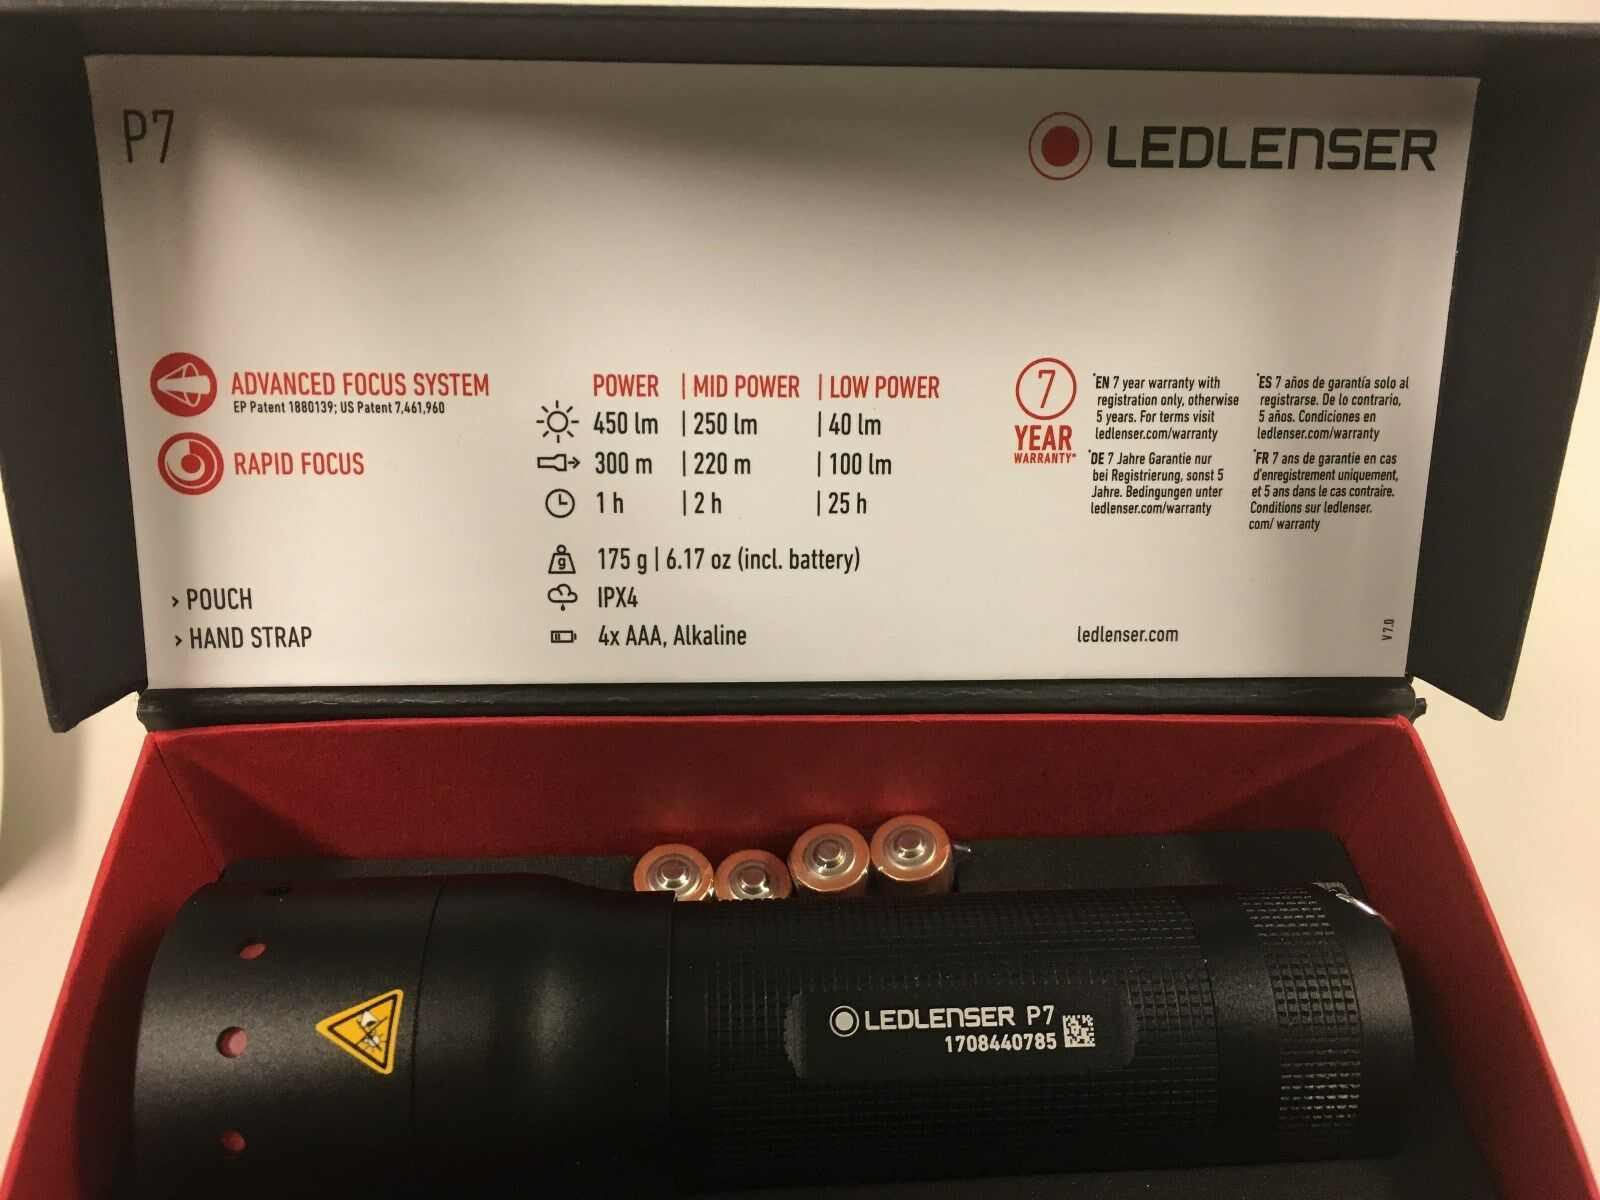 LED Lenser P7 - modello 2018 + Accessori riduzione di PREZZO